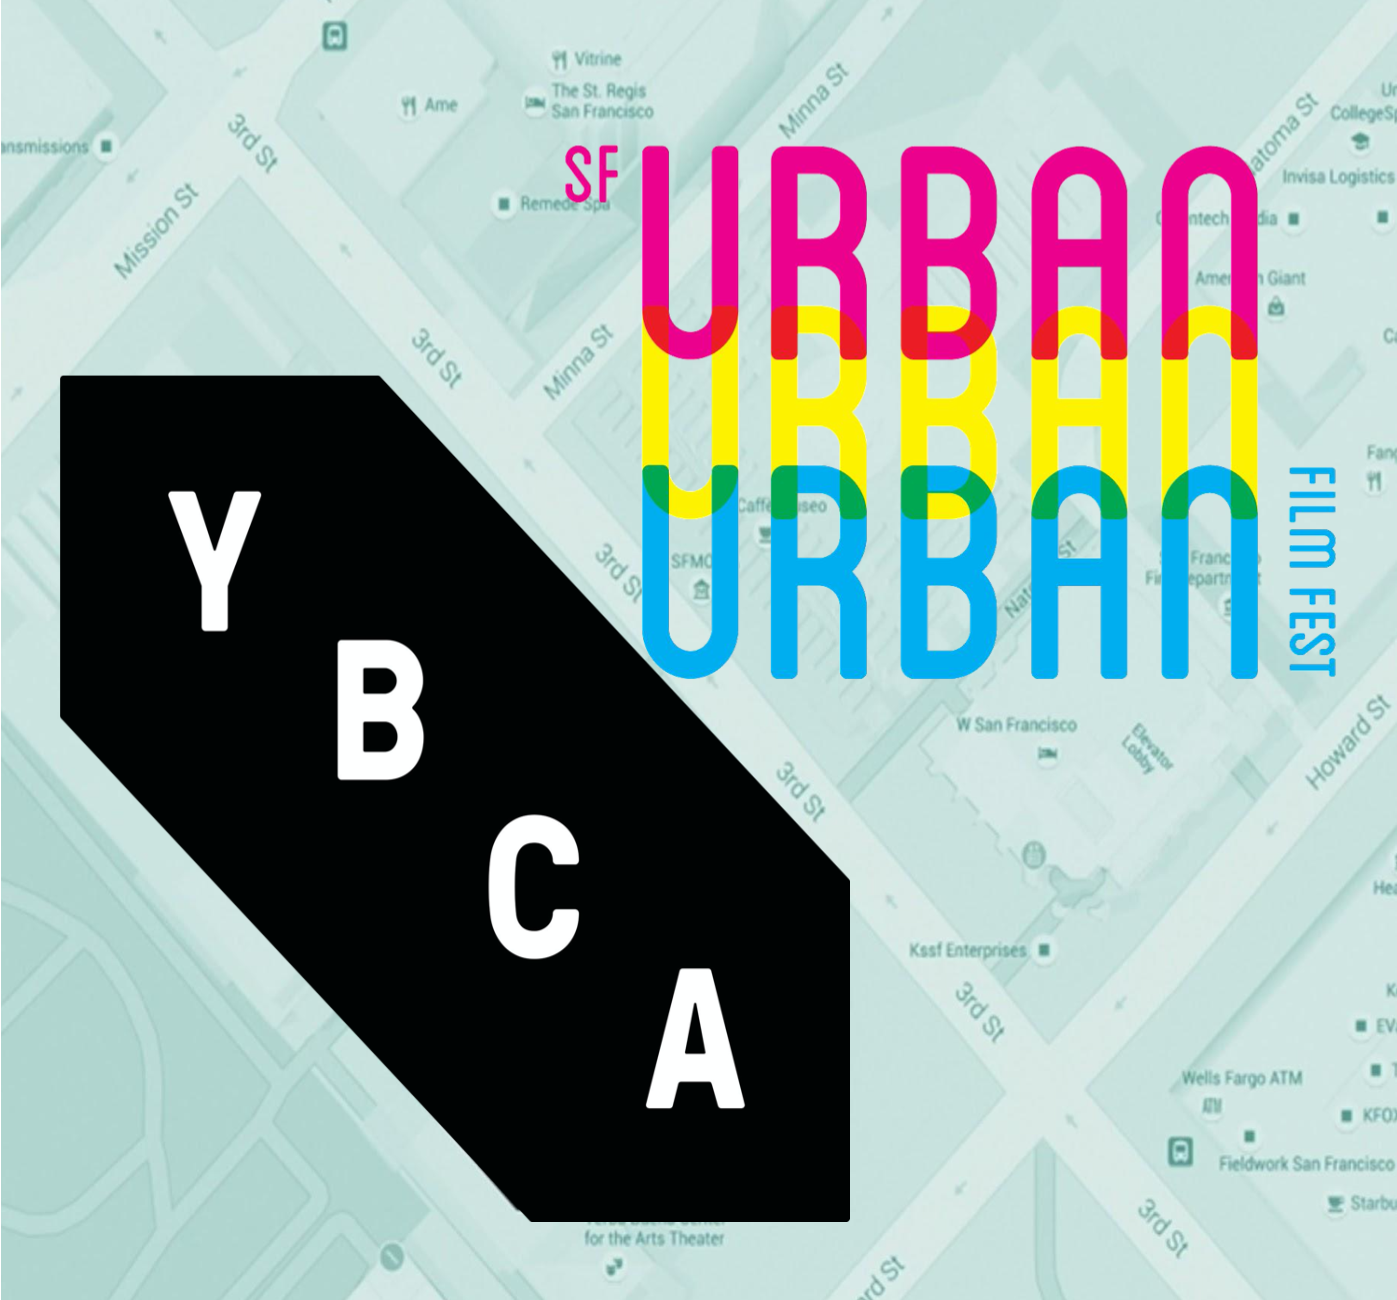 YBCA SF Urban Film Fest logos